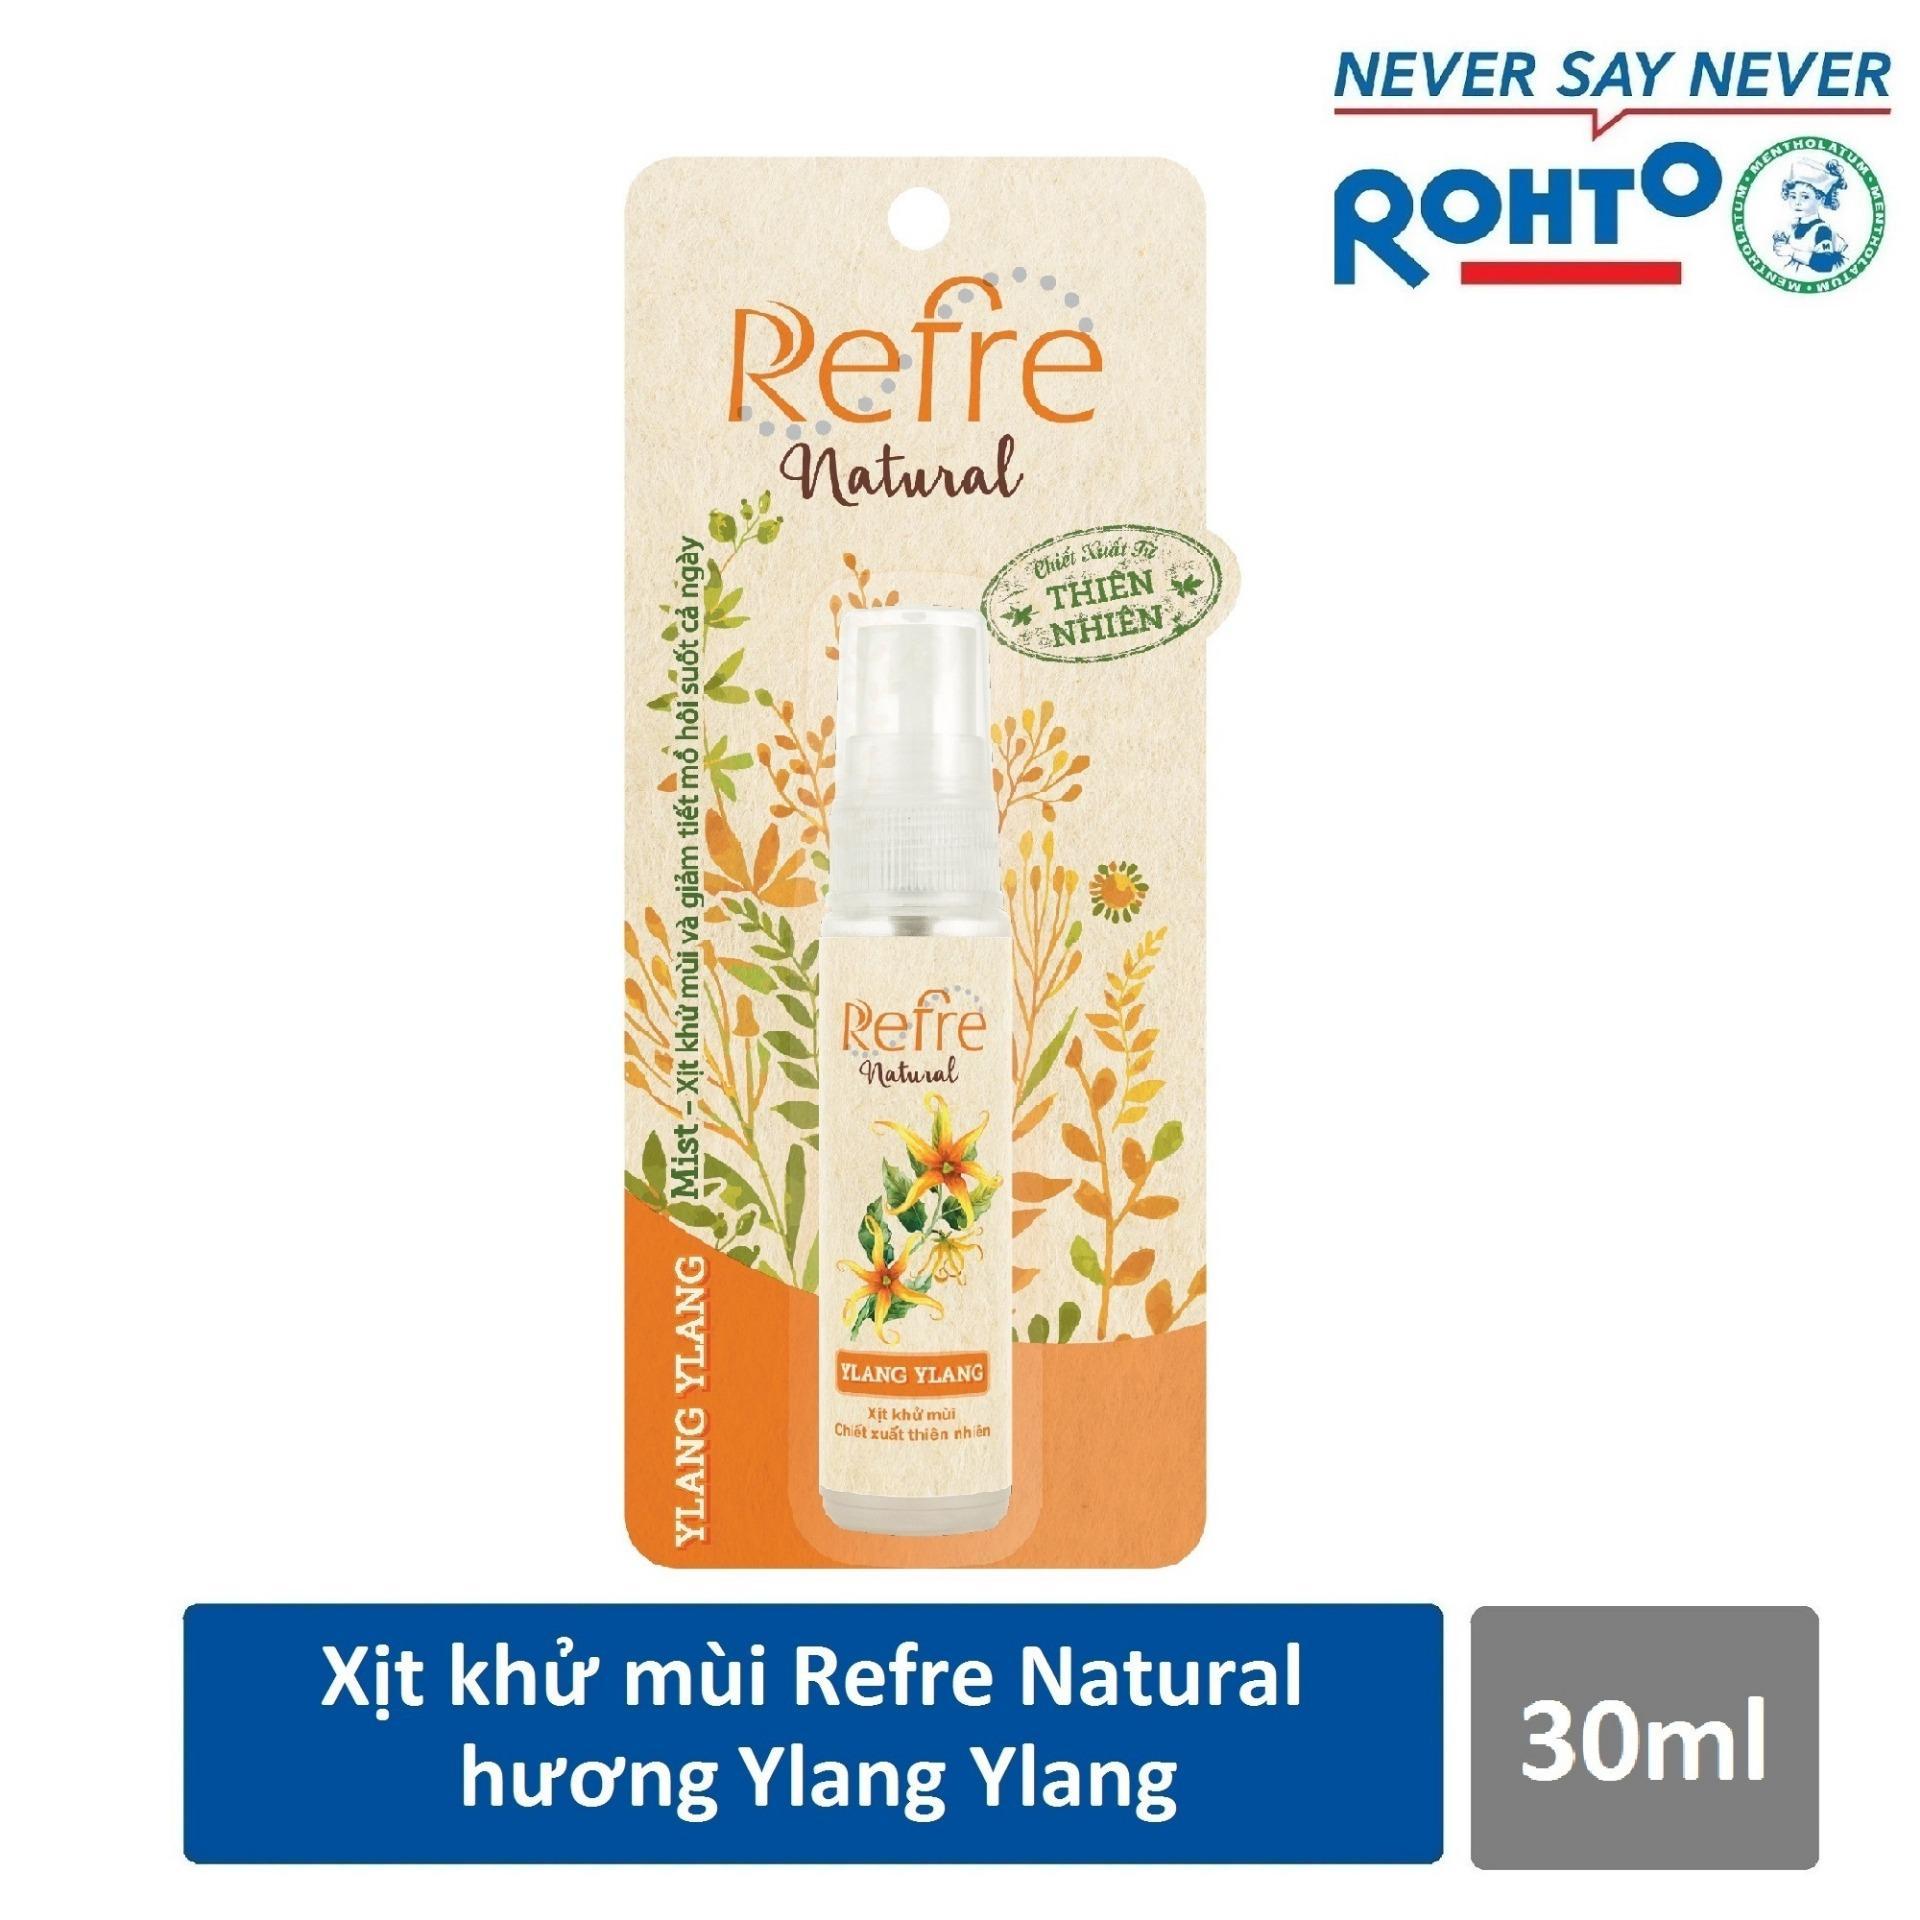 Xịt Khử Mùi Refre Natural Ylang Ylang Hương Ylang Ylang (30ml)